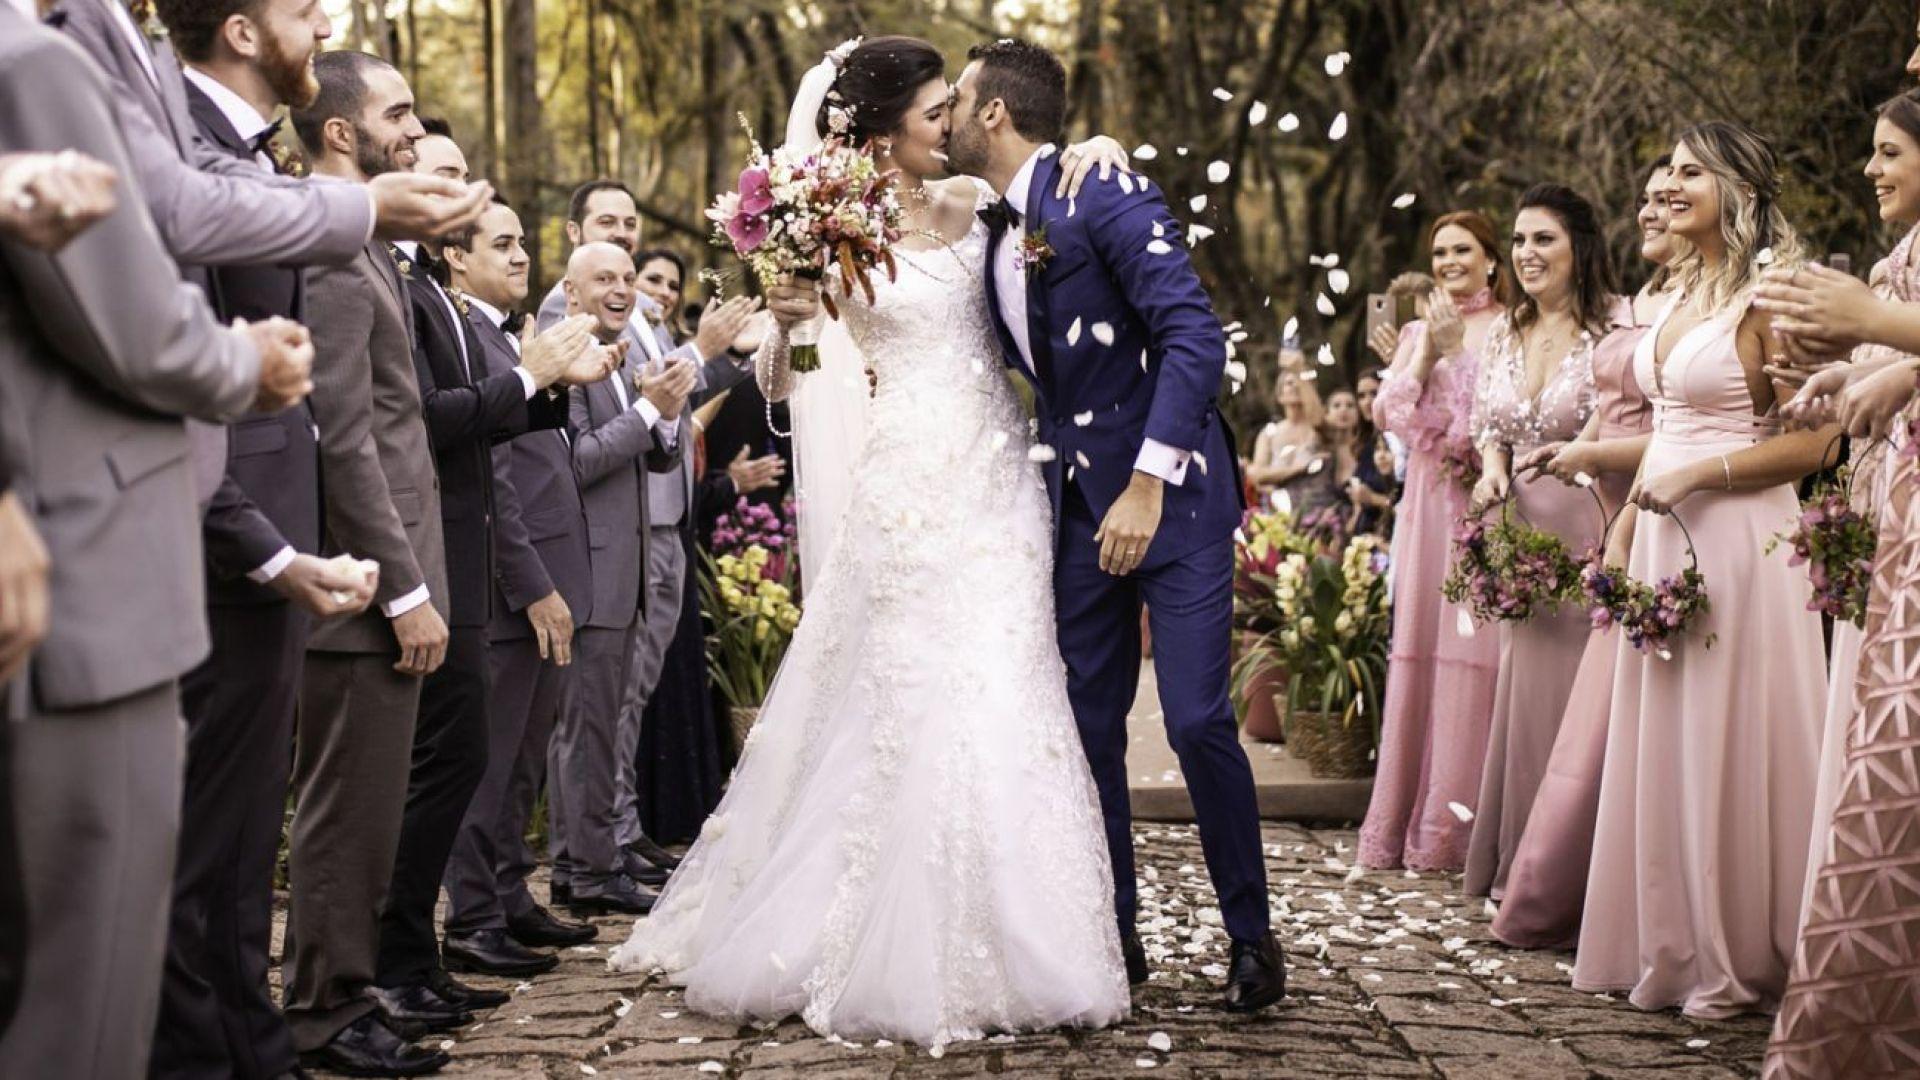 Коя е идеалната възраст за щастлив брак